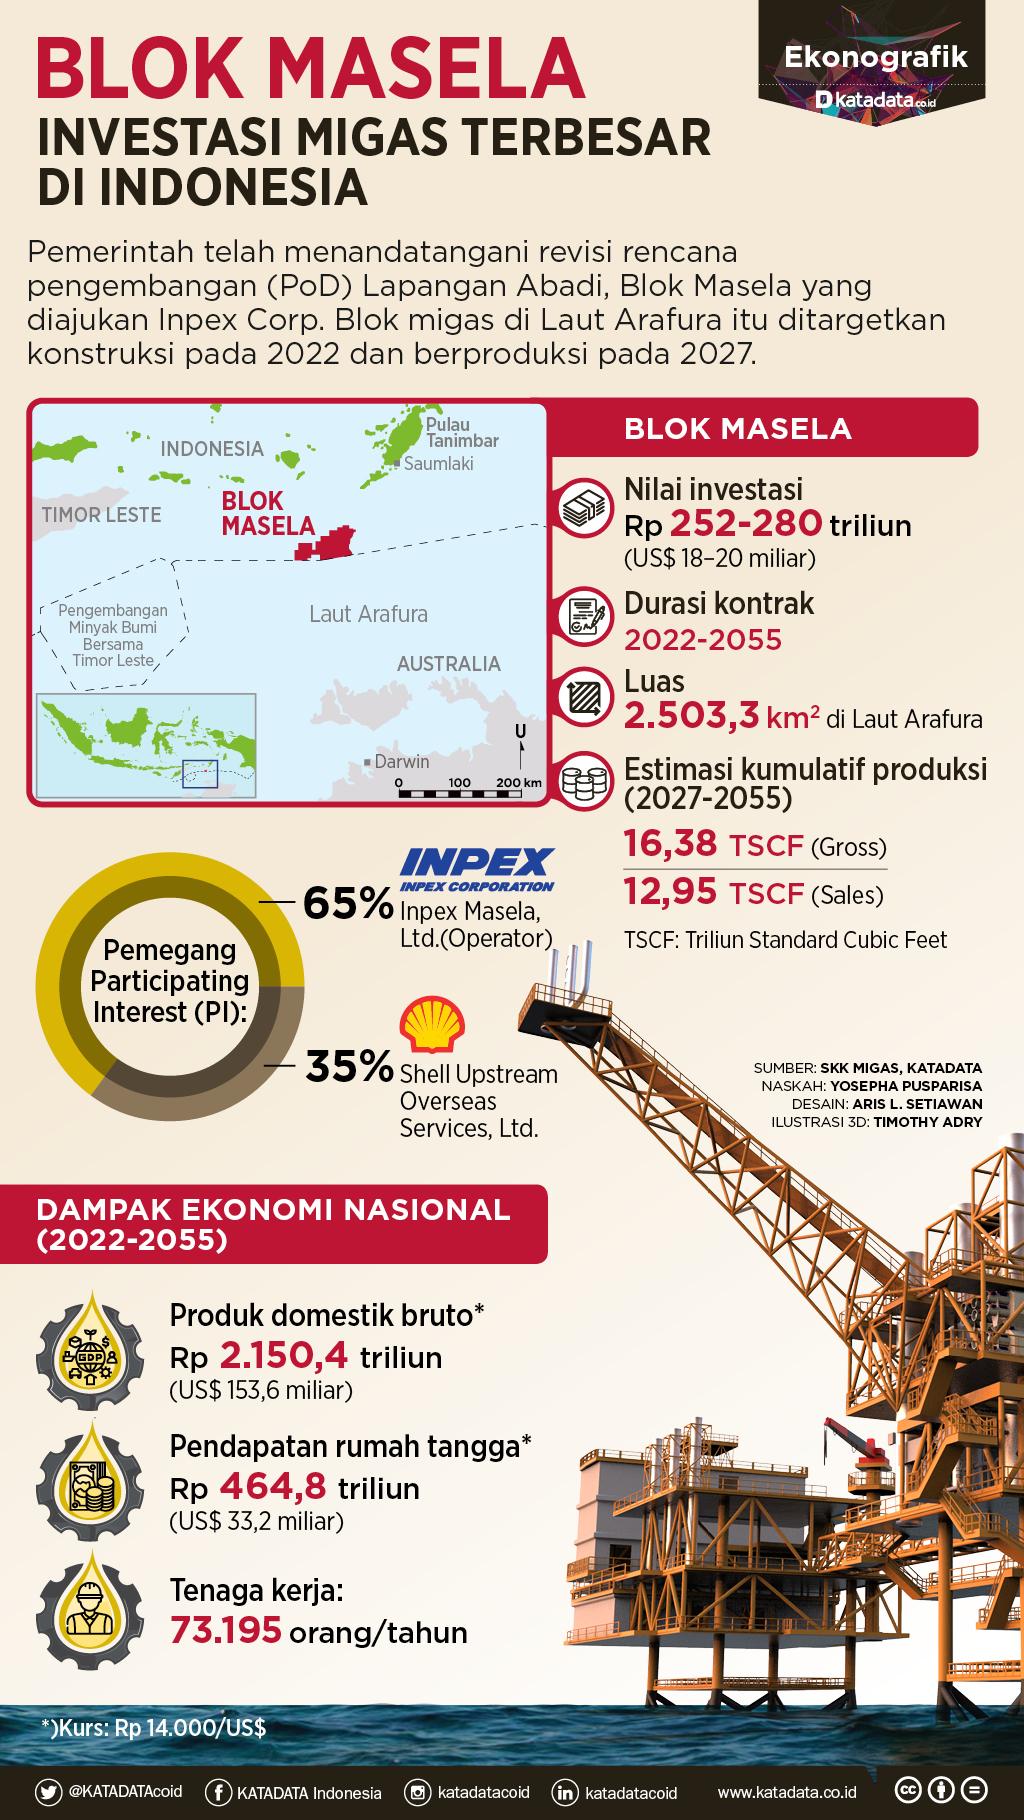 Blok Masela